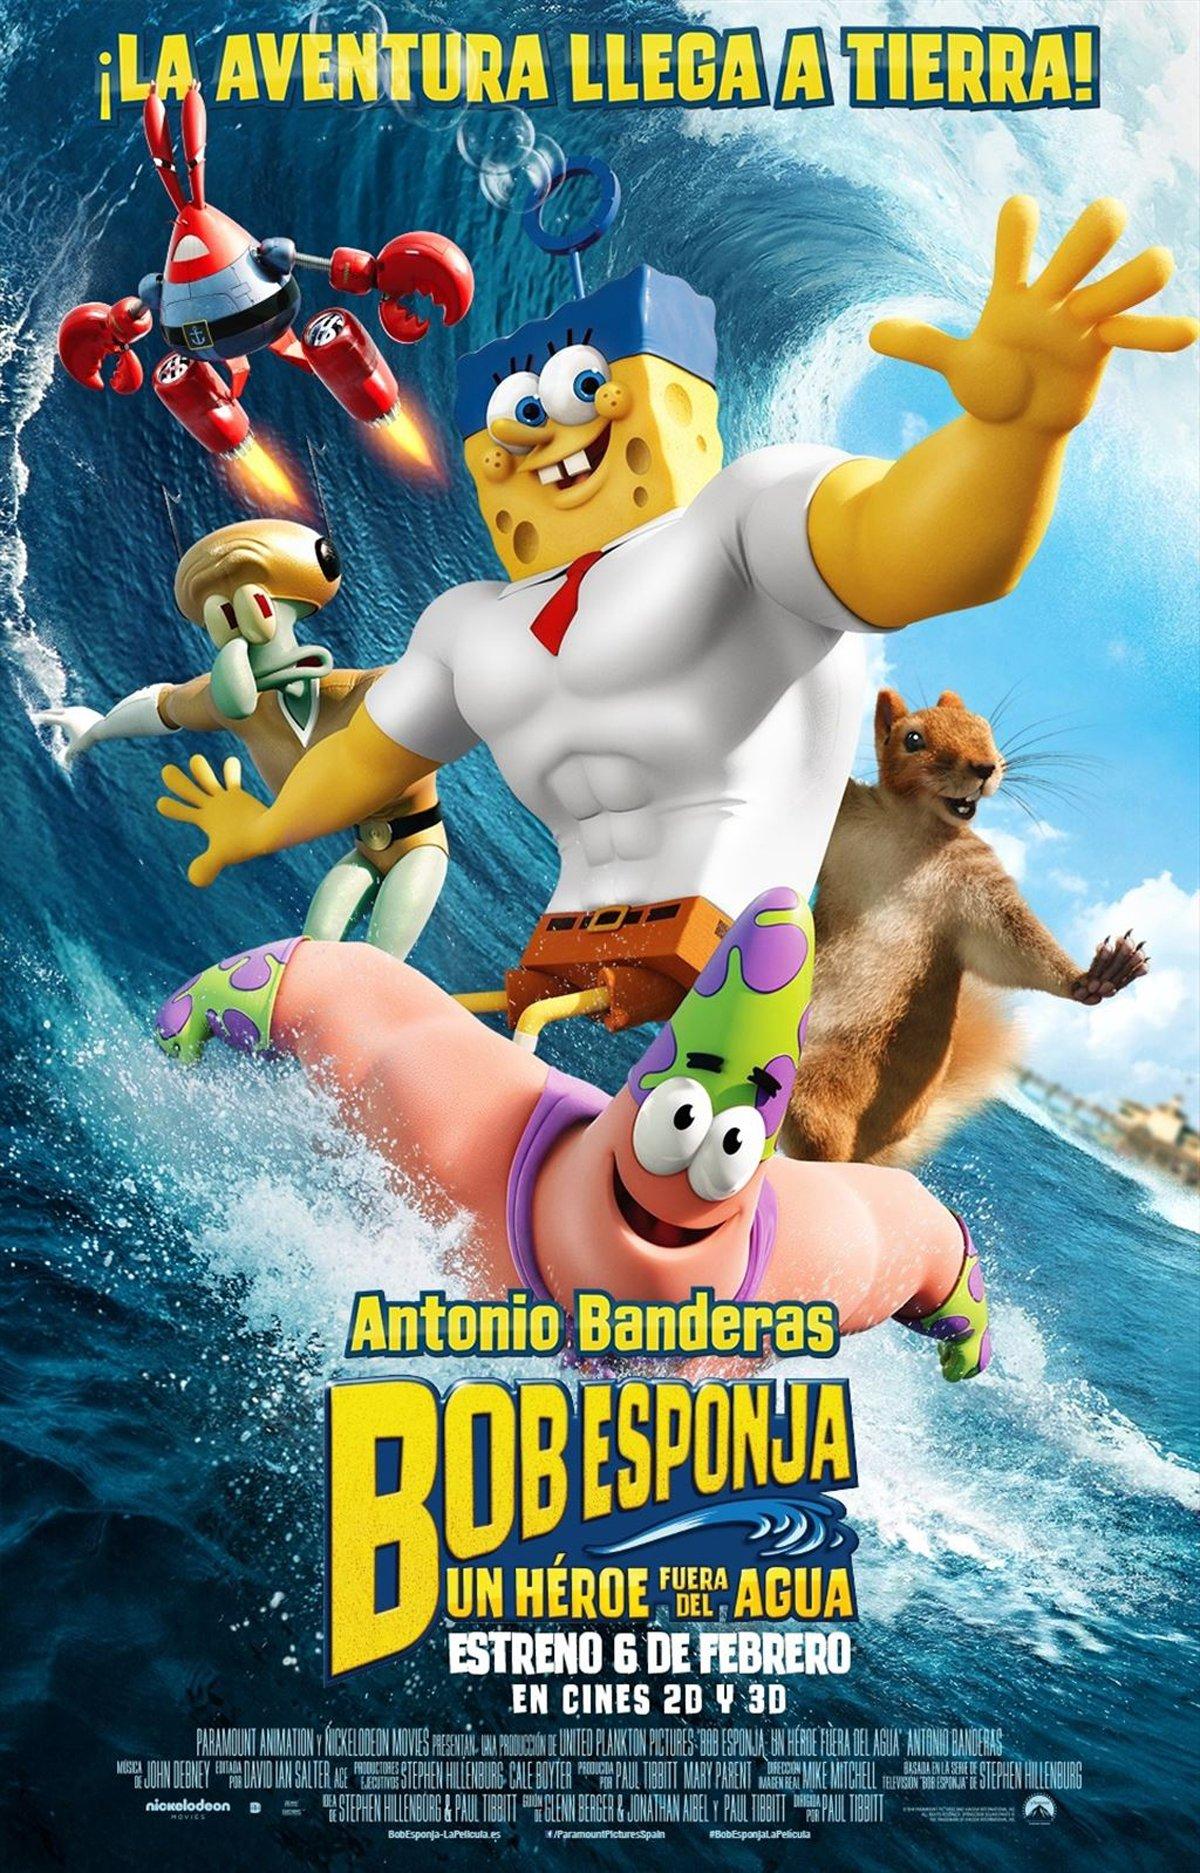 File:Bob esponja un heroe fuera del agua.jpg